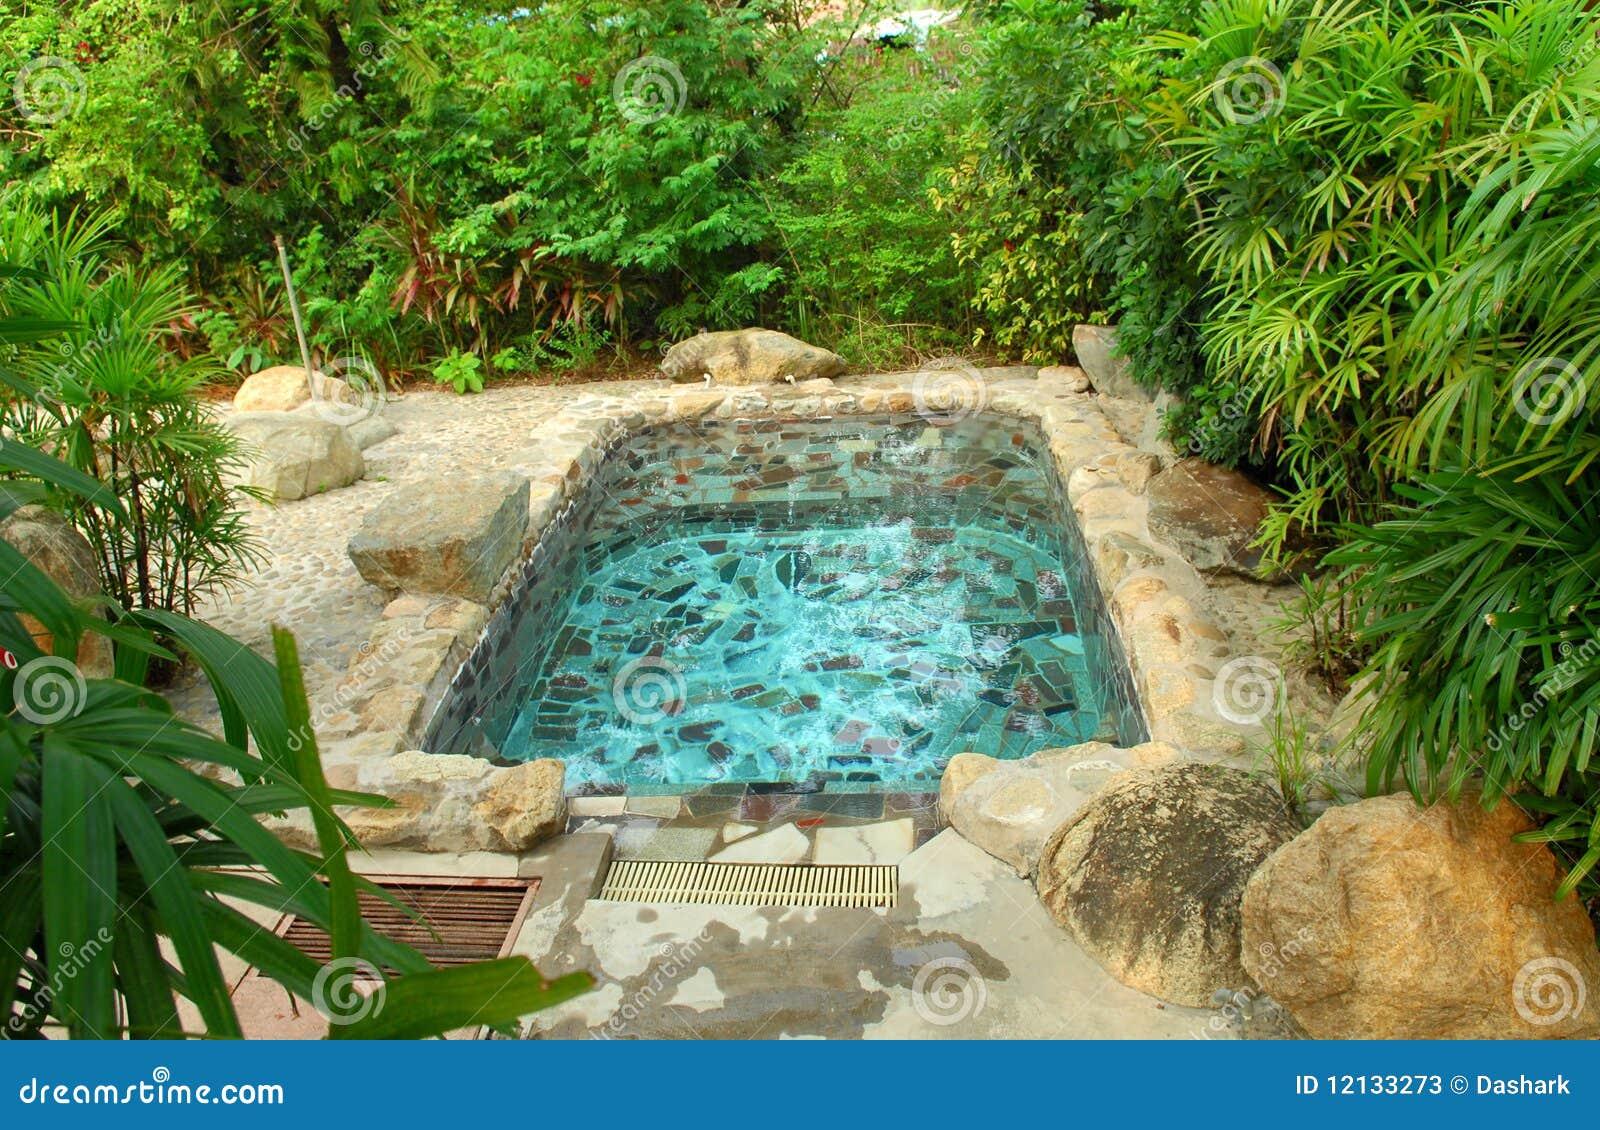 Japanese Garden Hot Spring Stock Photos - Image: 12133273